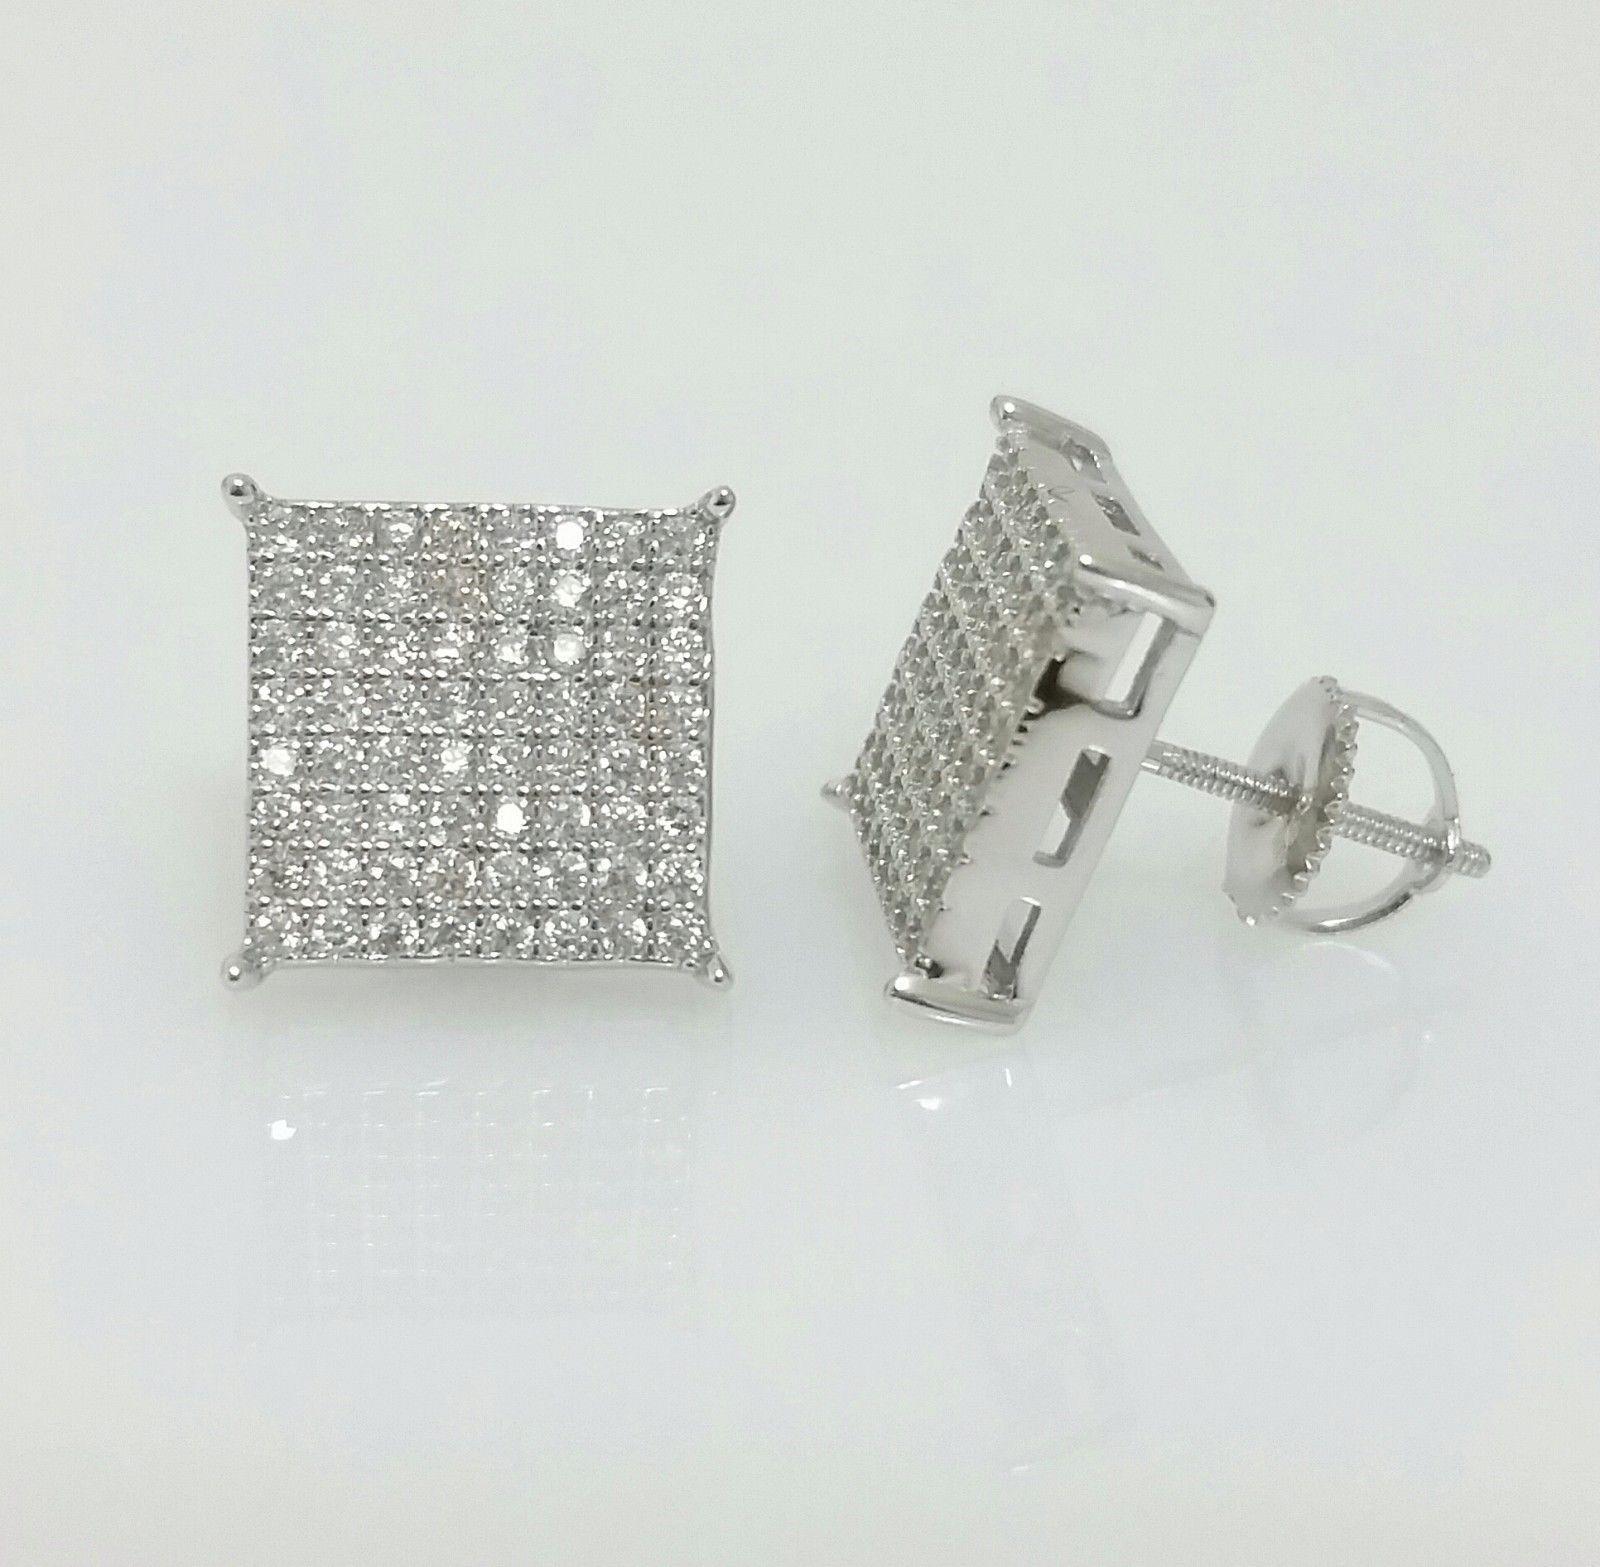 ce25ffd51 Earrings Studs 14085: Men 925 Sterling Silver Lab Diamond Flat Screen  Square Screw Back Stud